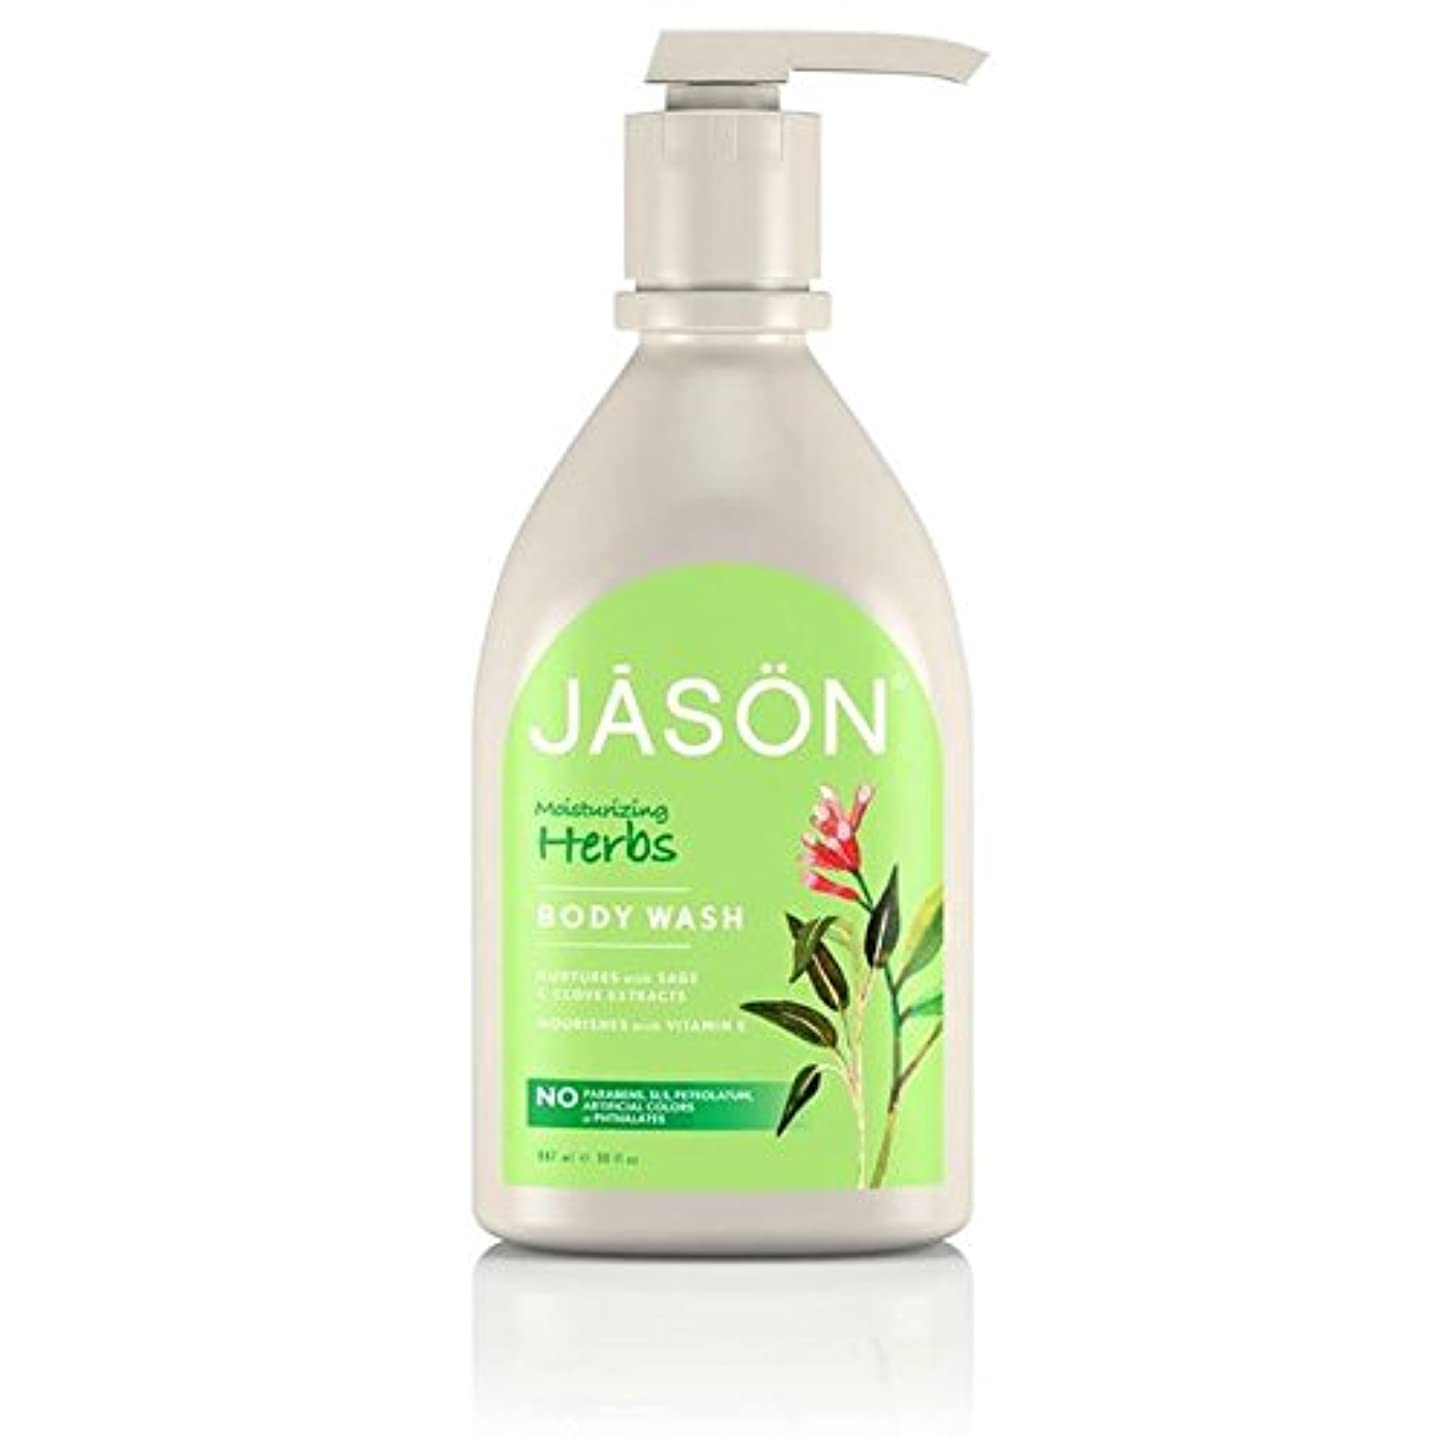 アーチ顕微鏡責Jason Herbal Satin Body Wash Pump 900ml (Pack of 6) - ジェイソン?ハーブサテンボディウォッシュポンプ900ミリリットル x6 [並行輸入品]